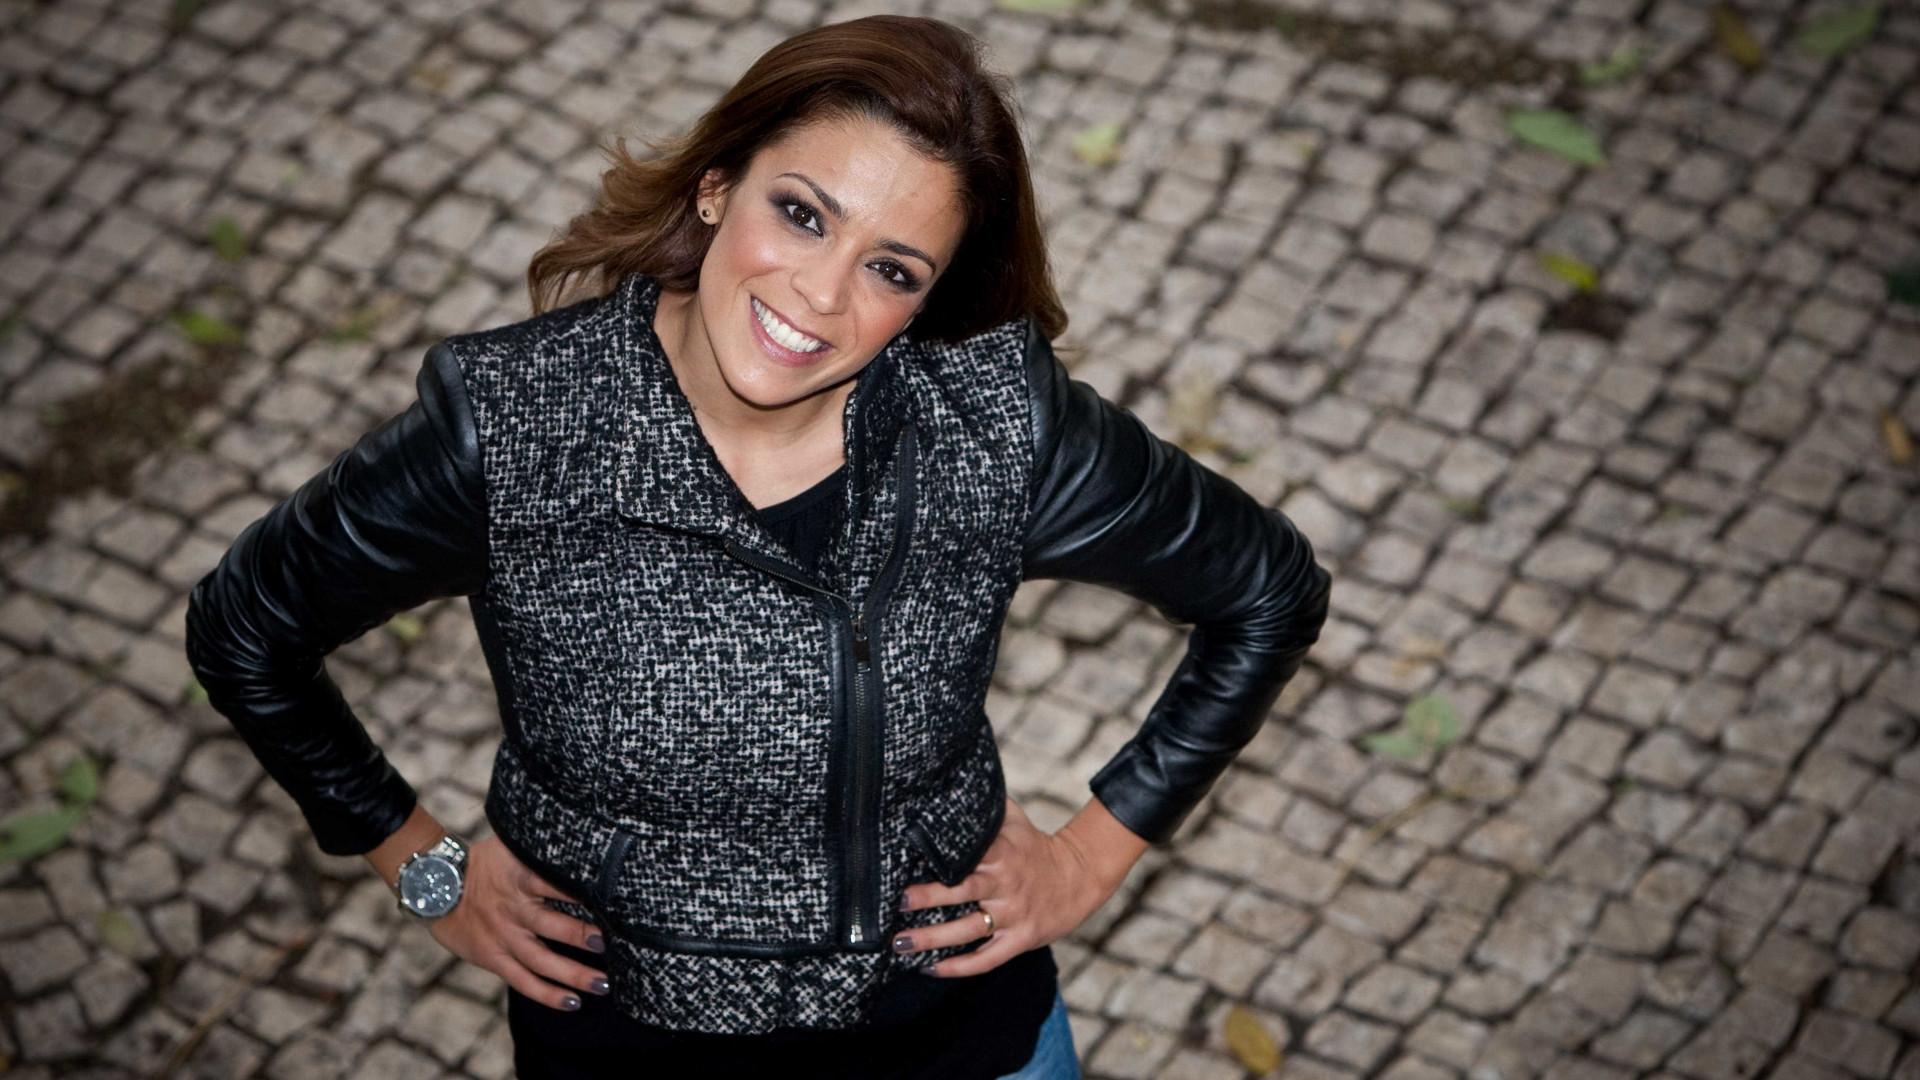 Rita Ferro apela a ajuda para encontrar desaparecidos em Pedrógão Grande